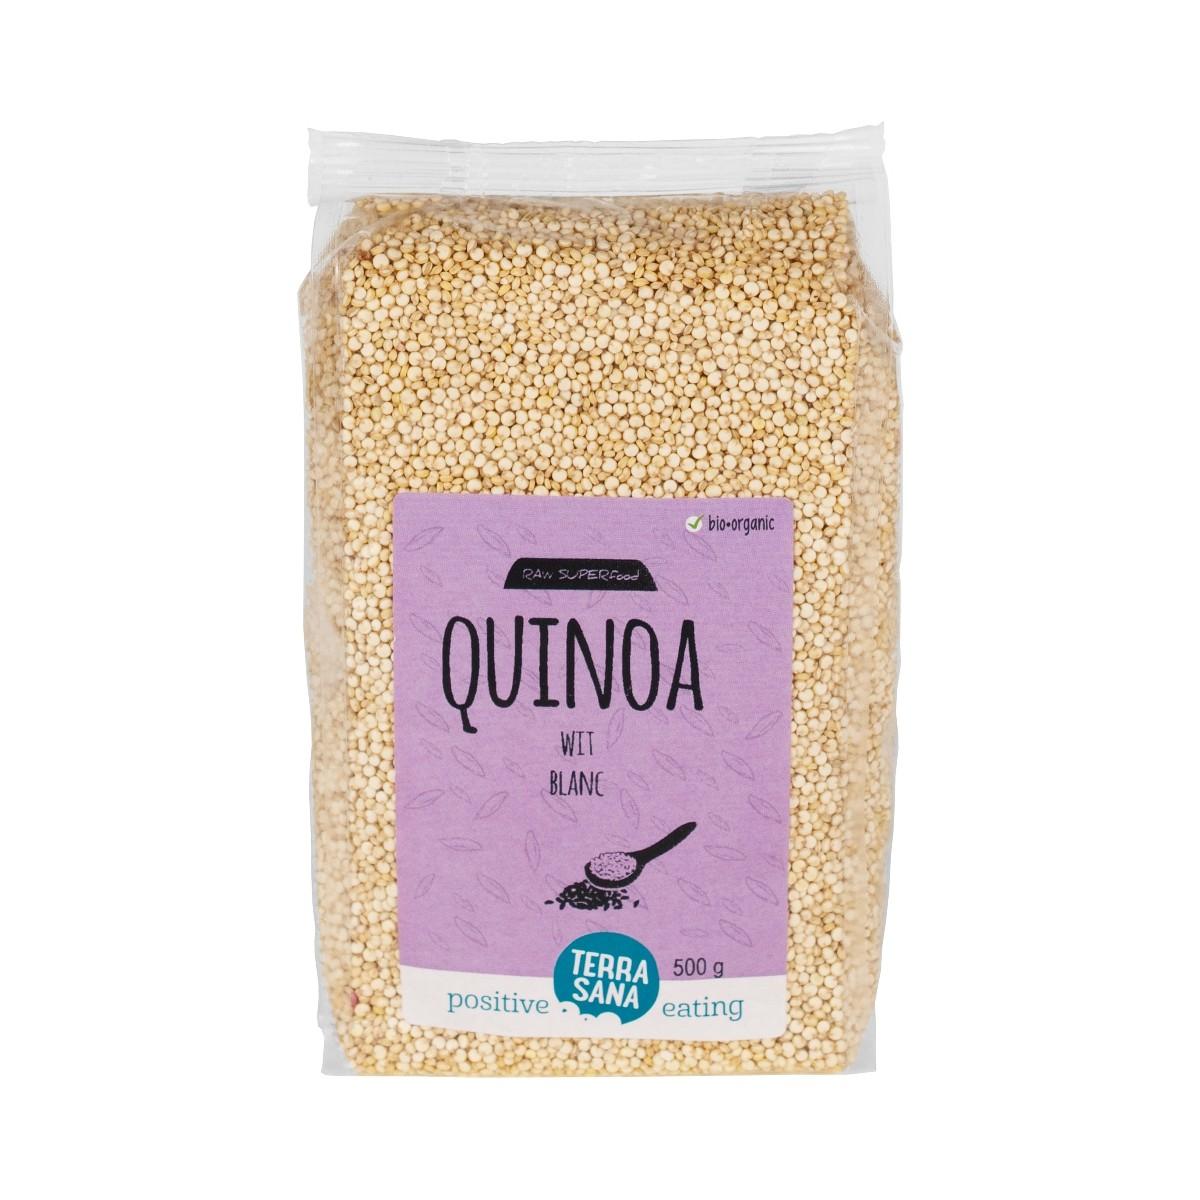 Quinoa Wit